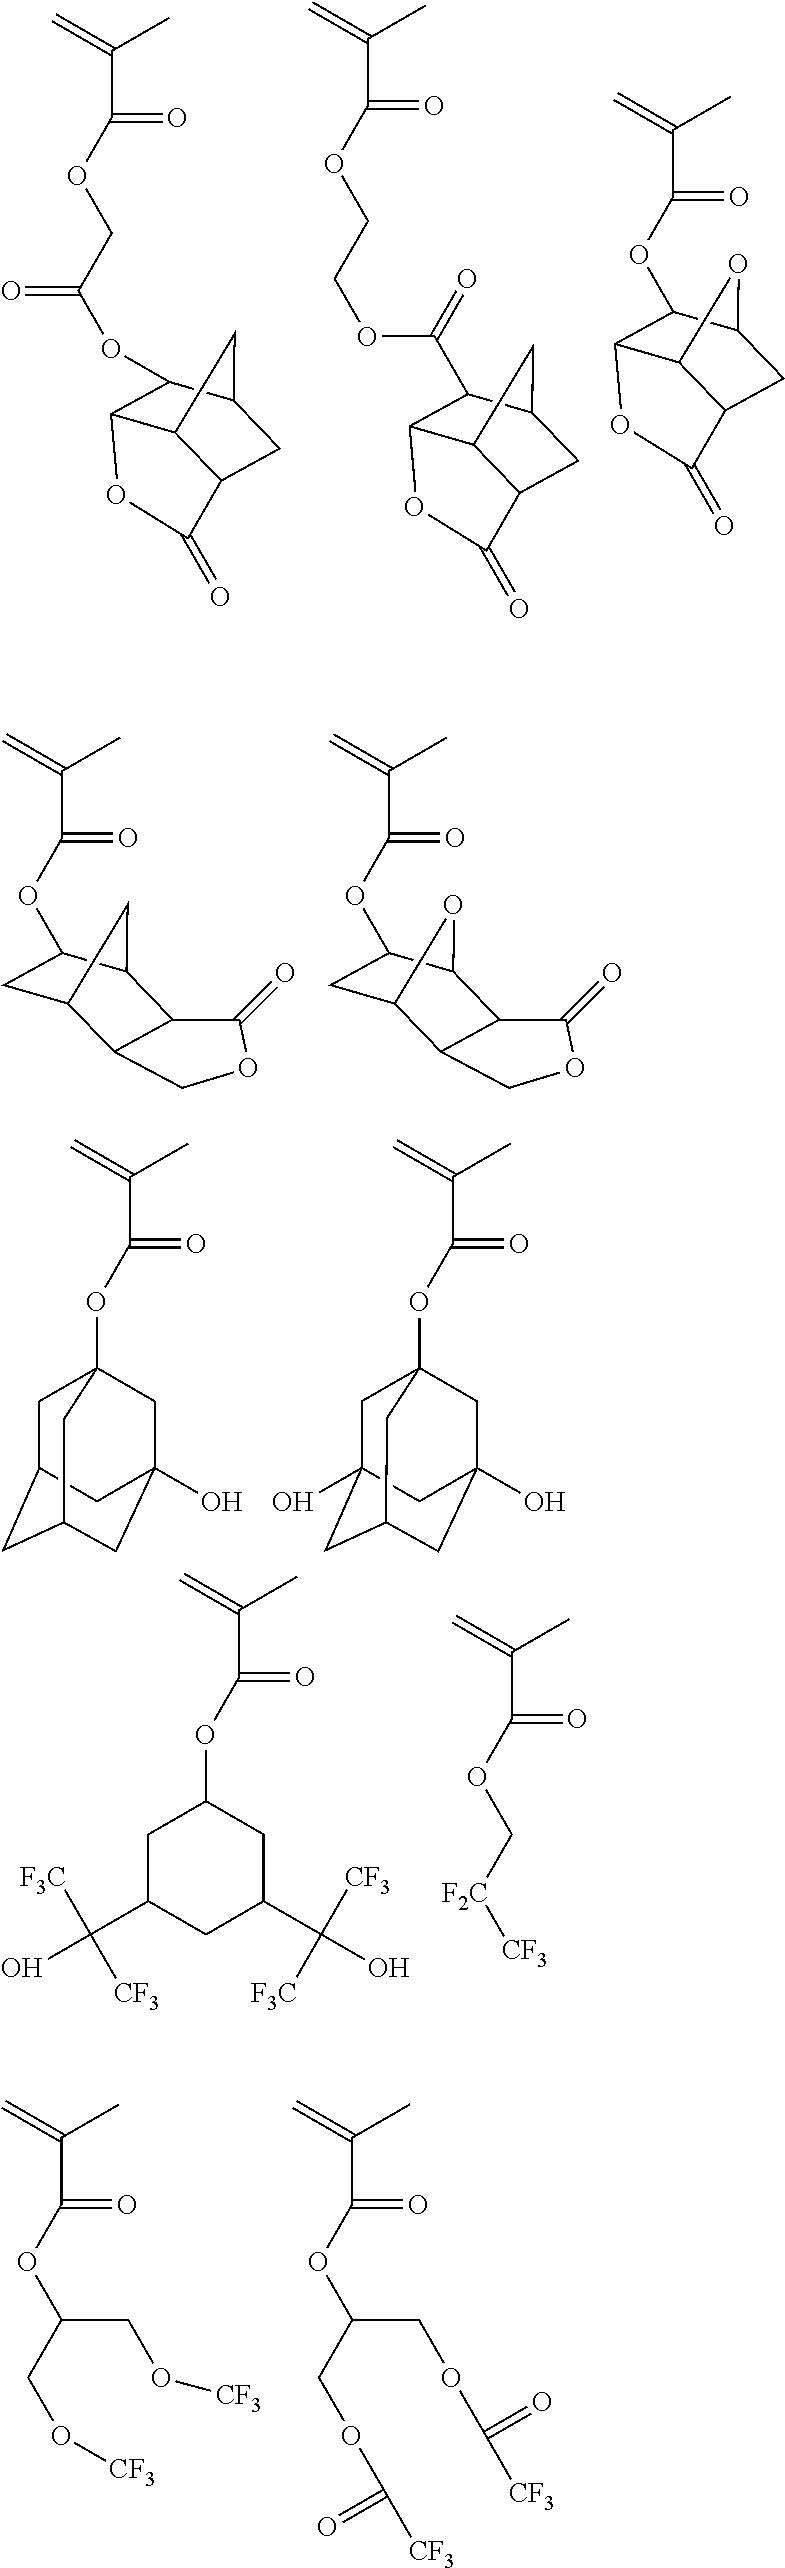 Figure US20110269074A1-20111103-C00021